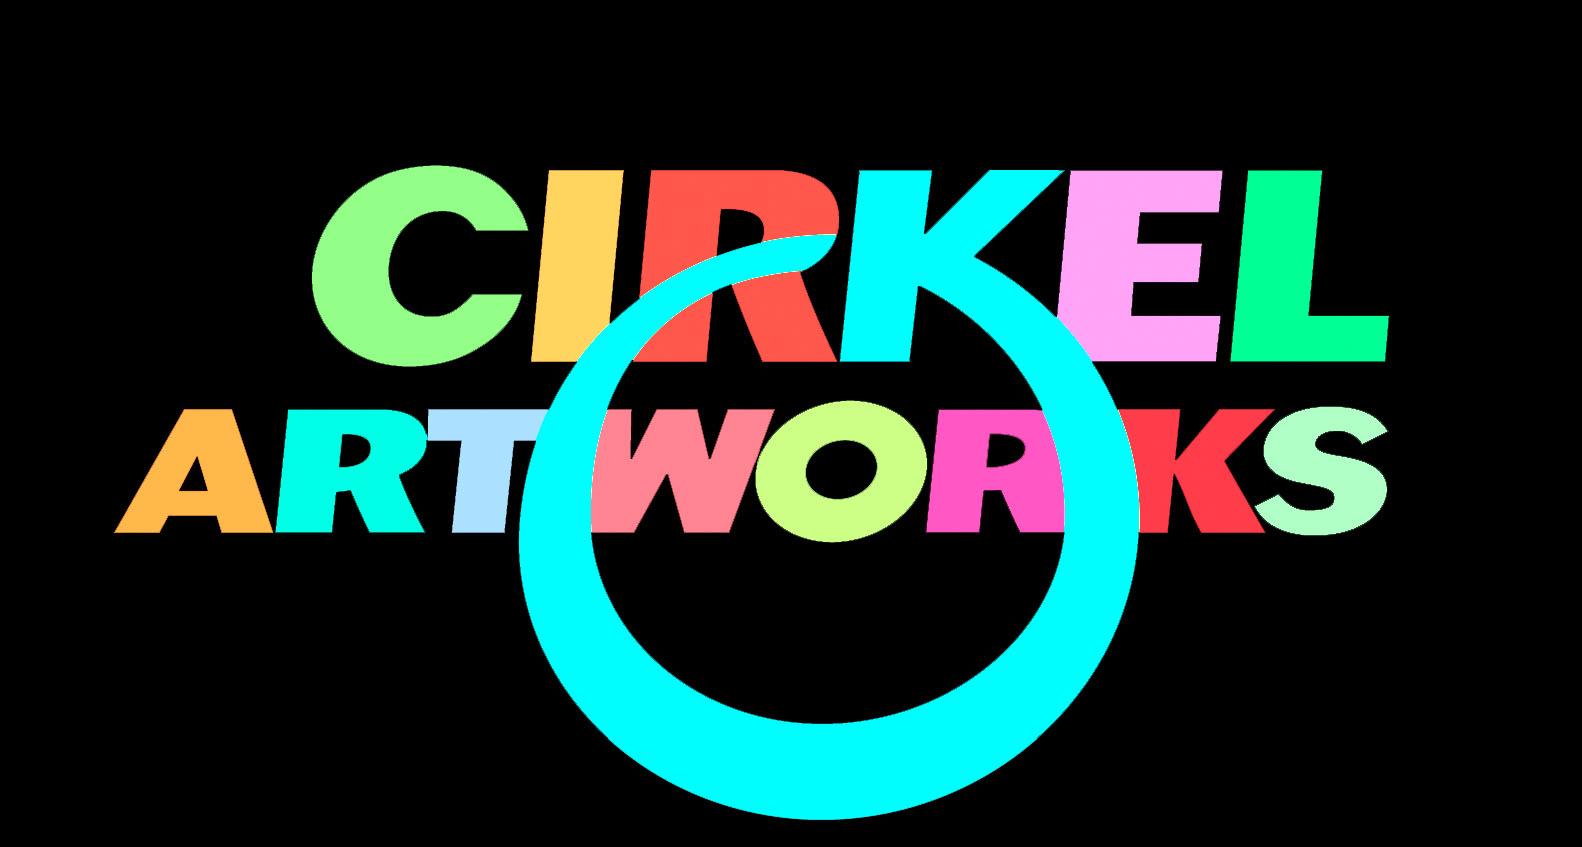 Cirkel Artworks